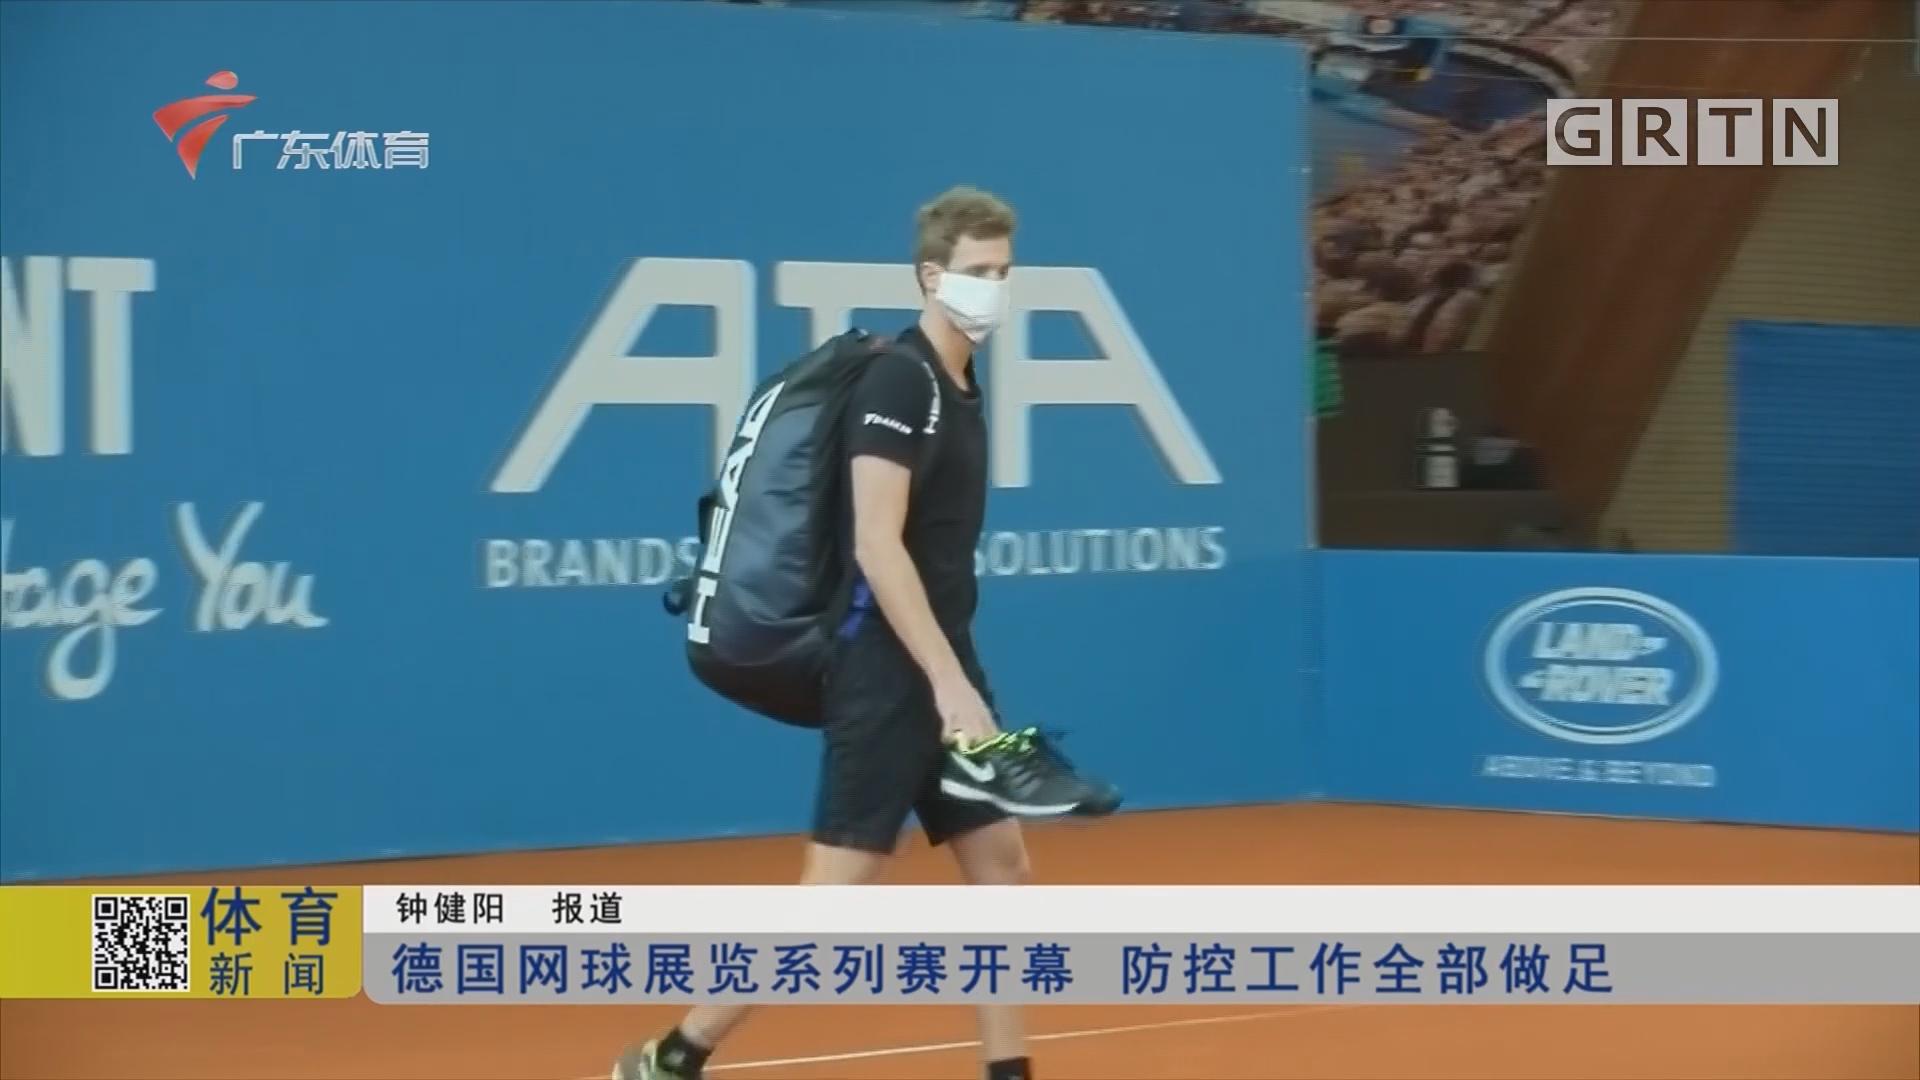 德國網球展覽系列賽開幕 防控工作全部做足